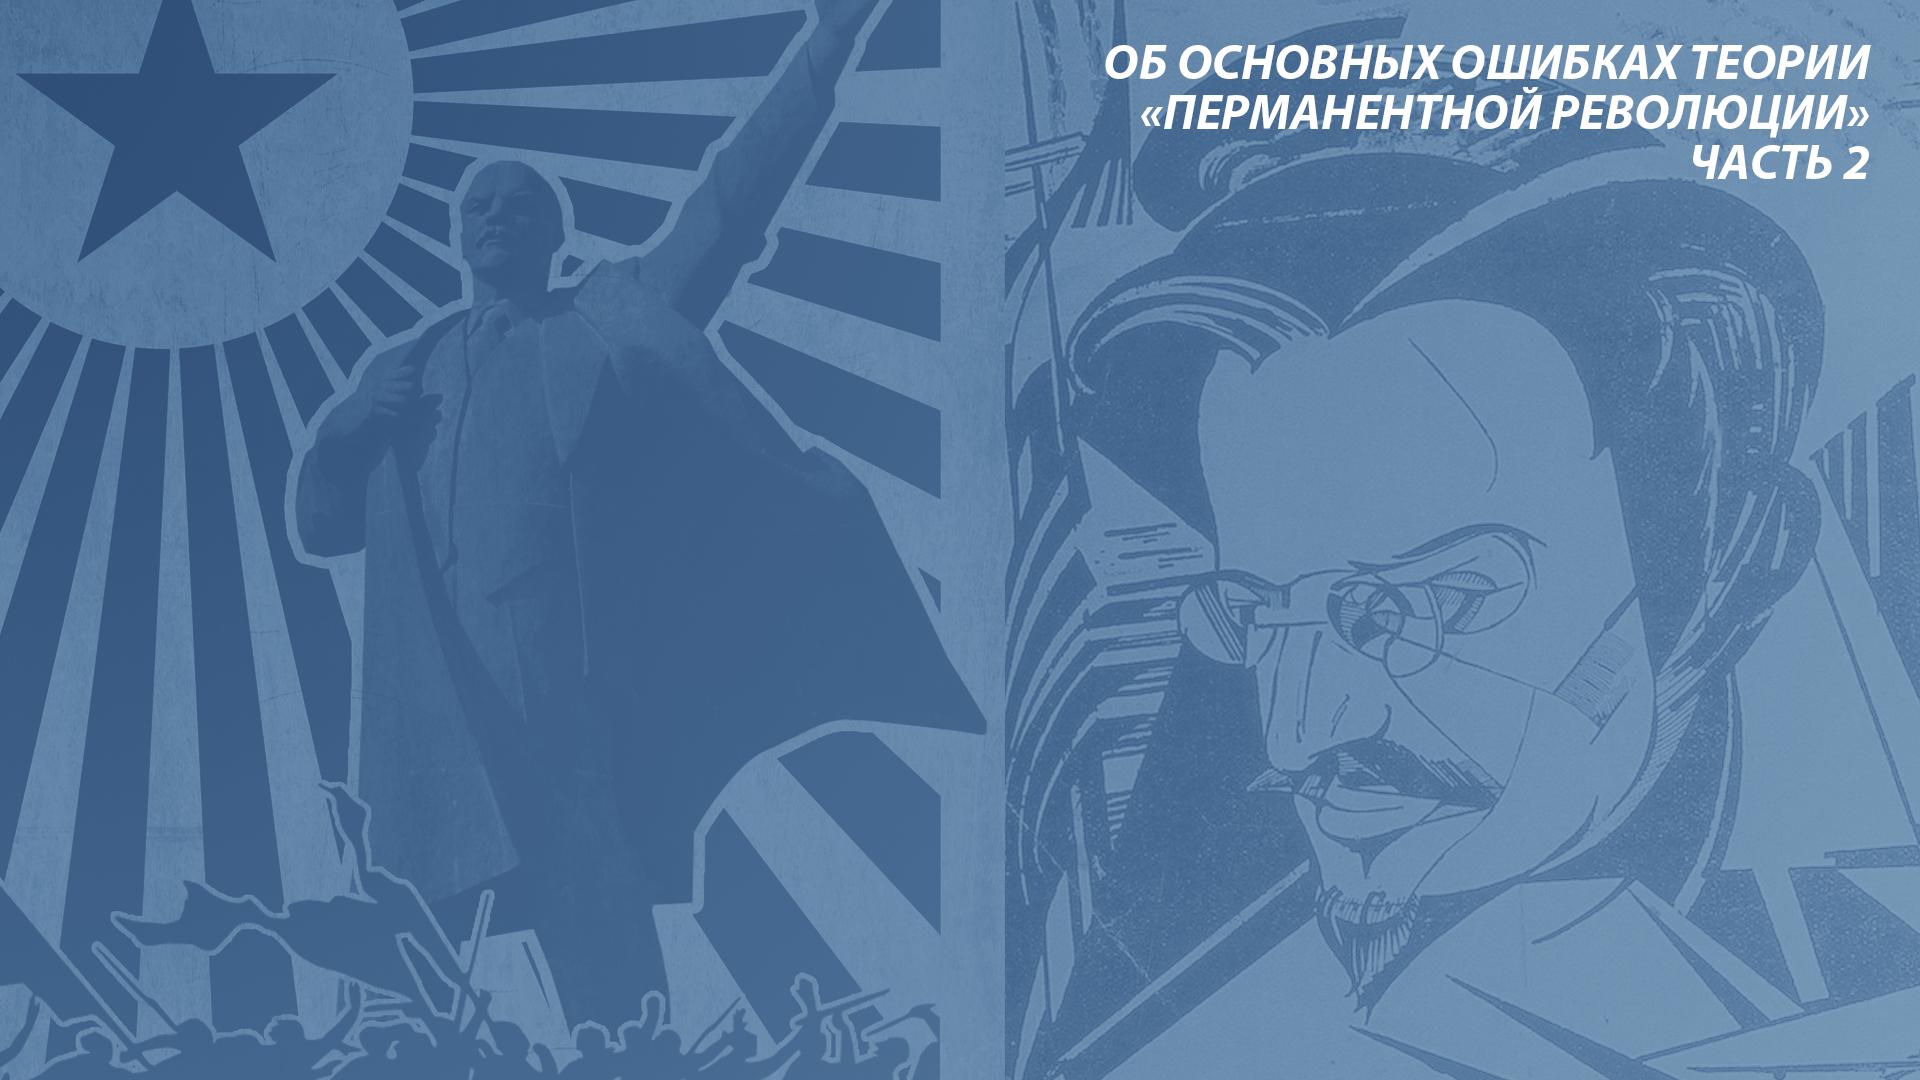 Троцкий Перманентная революция Ч2.png